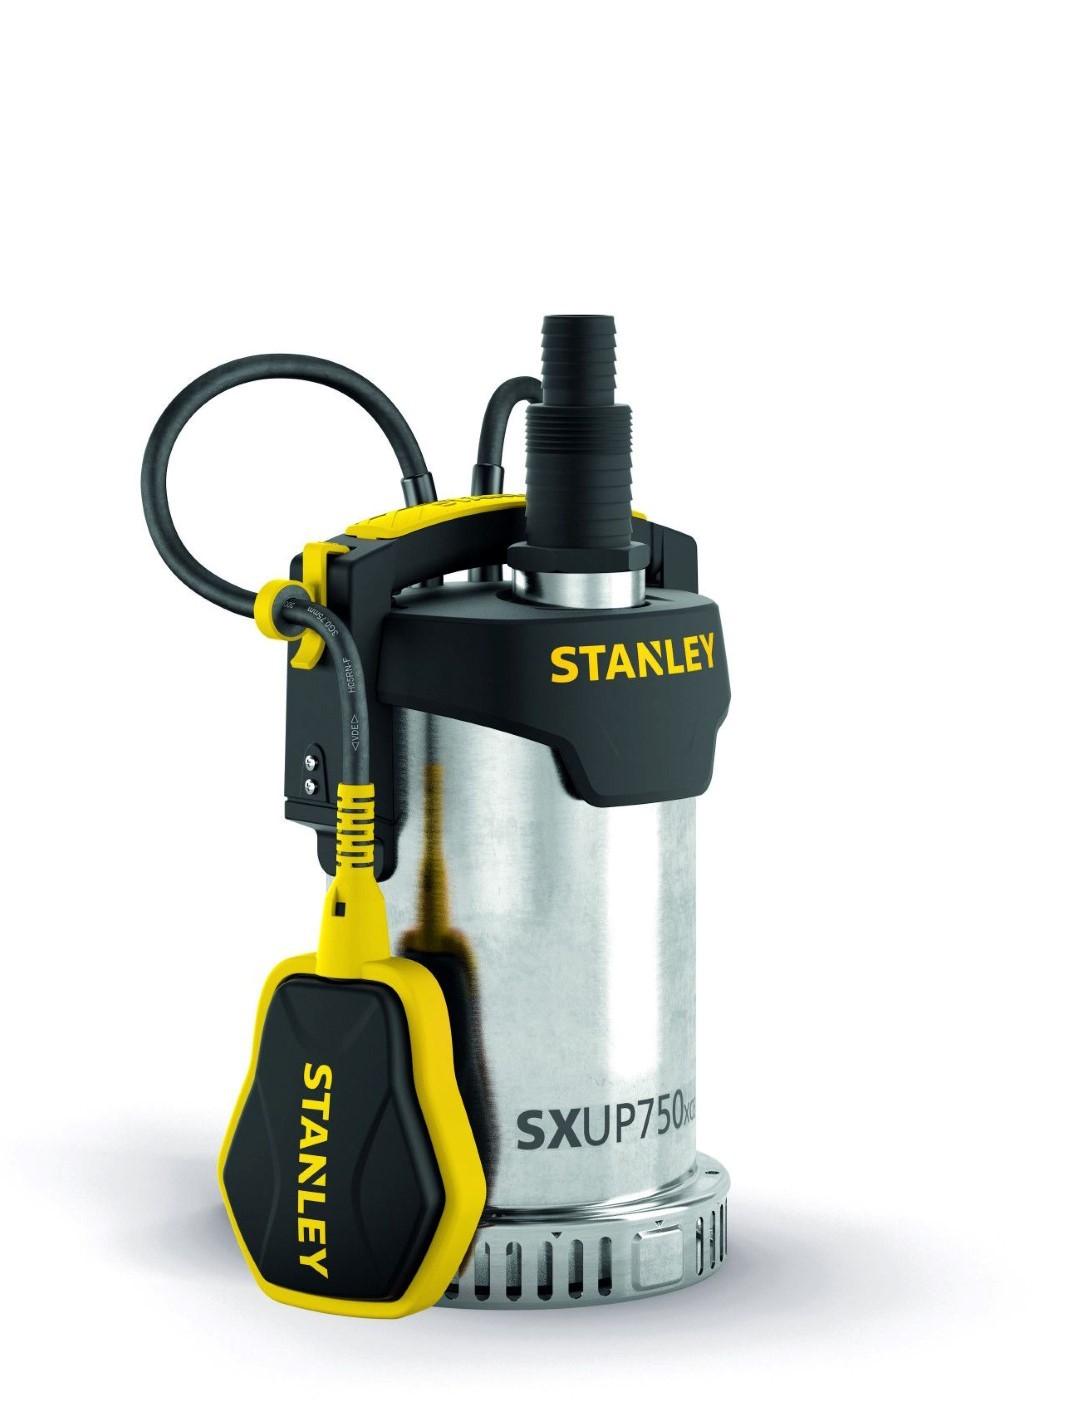 Stanley - dompelpomp - roestvrij staal - helder water - 750 w